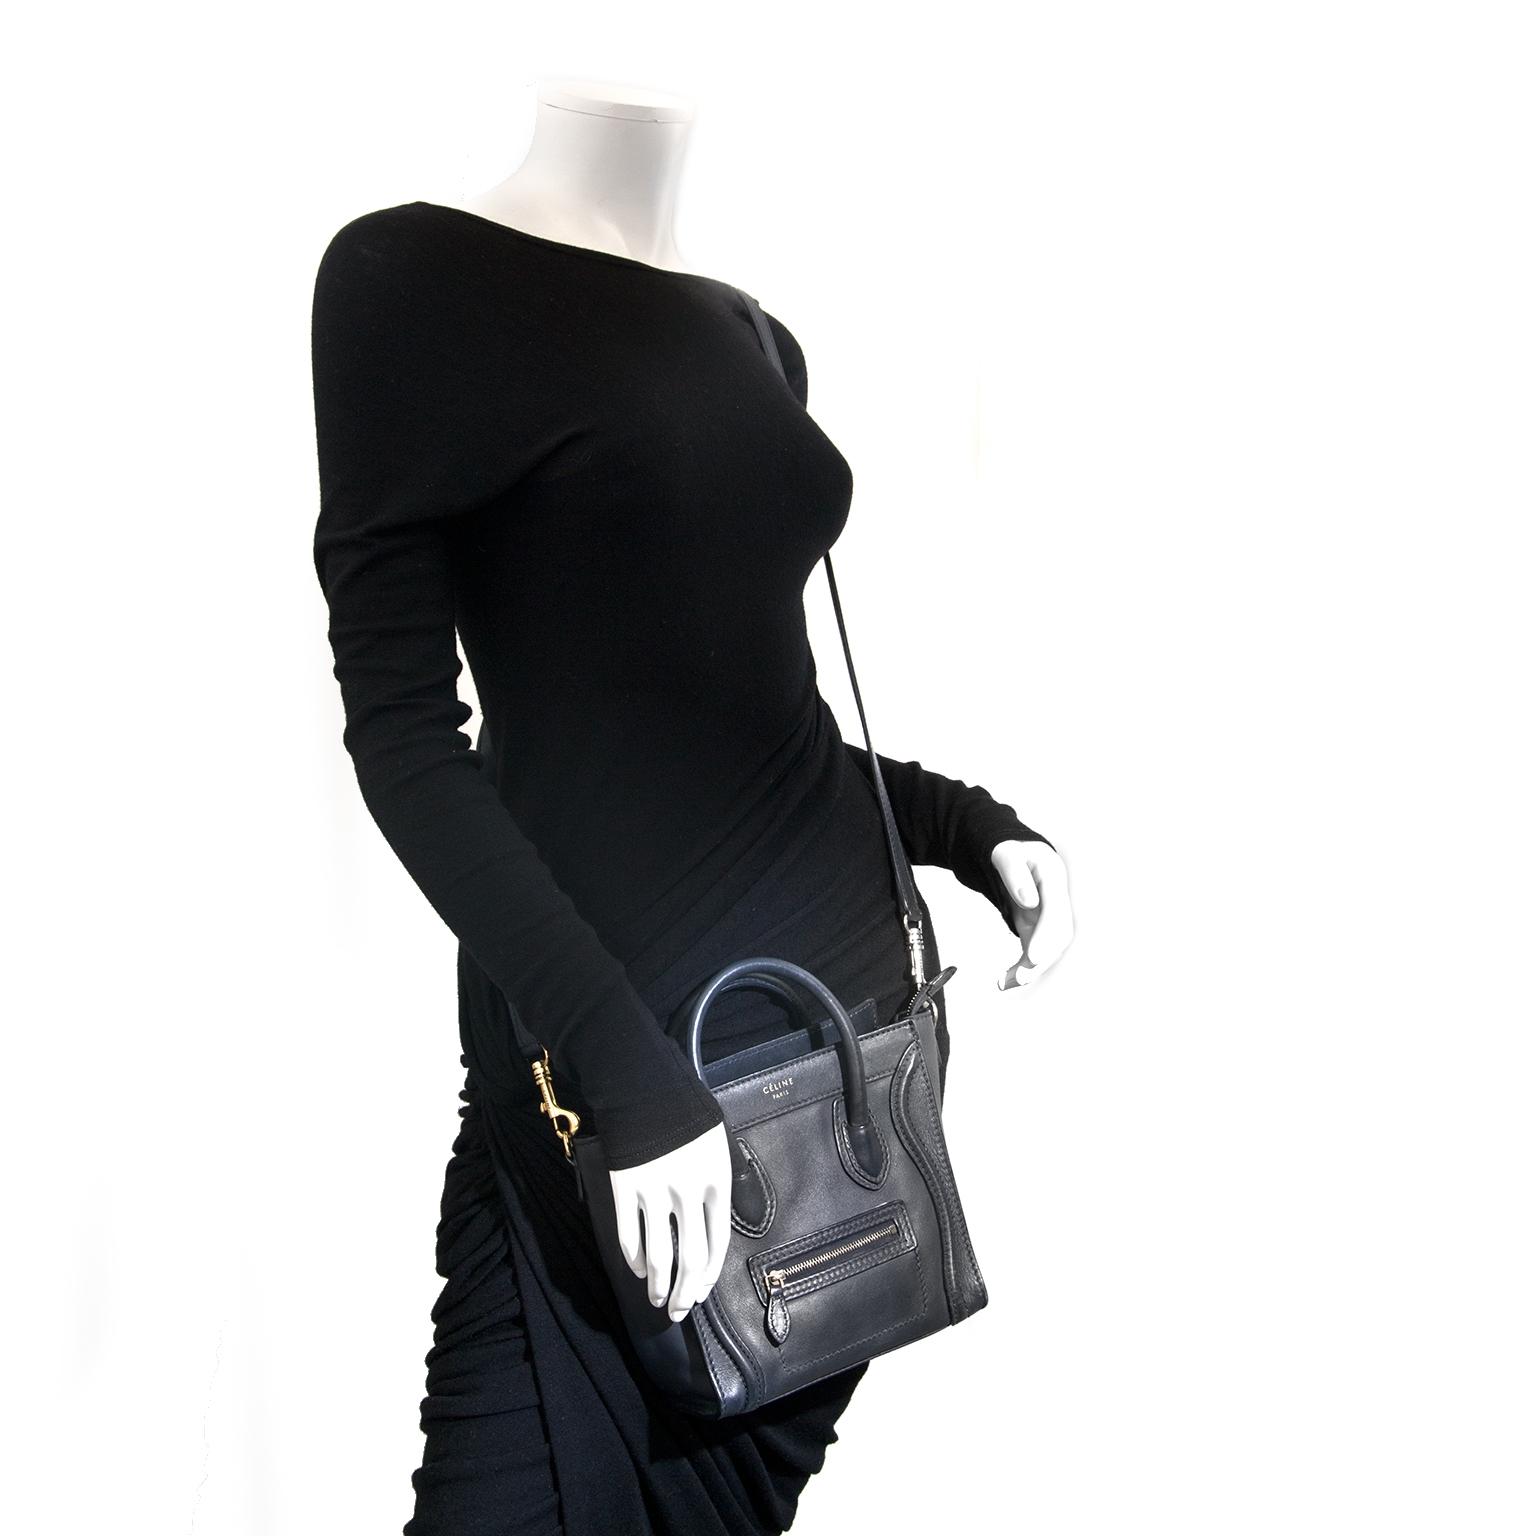 7d03ef22bd ... Céline Dark Blue Nano Luggage Shoulder Bag now for sale at labellov  vintage fashion webshop belgium